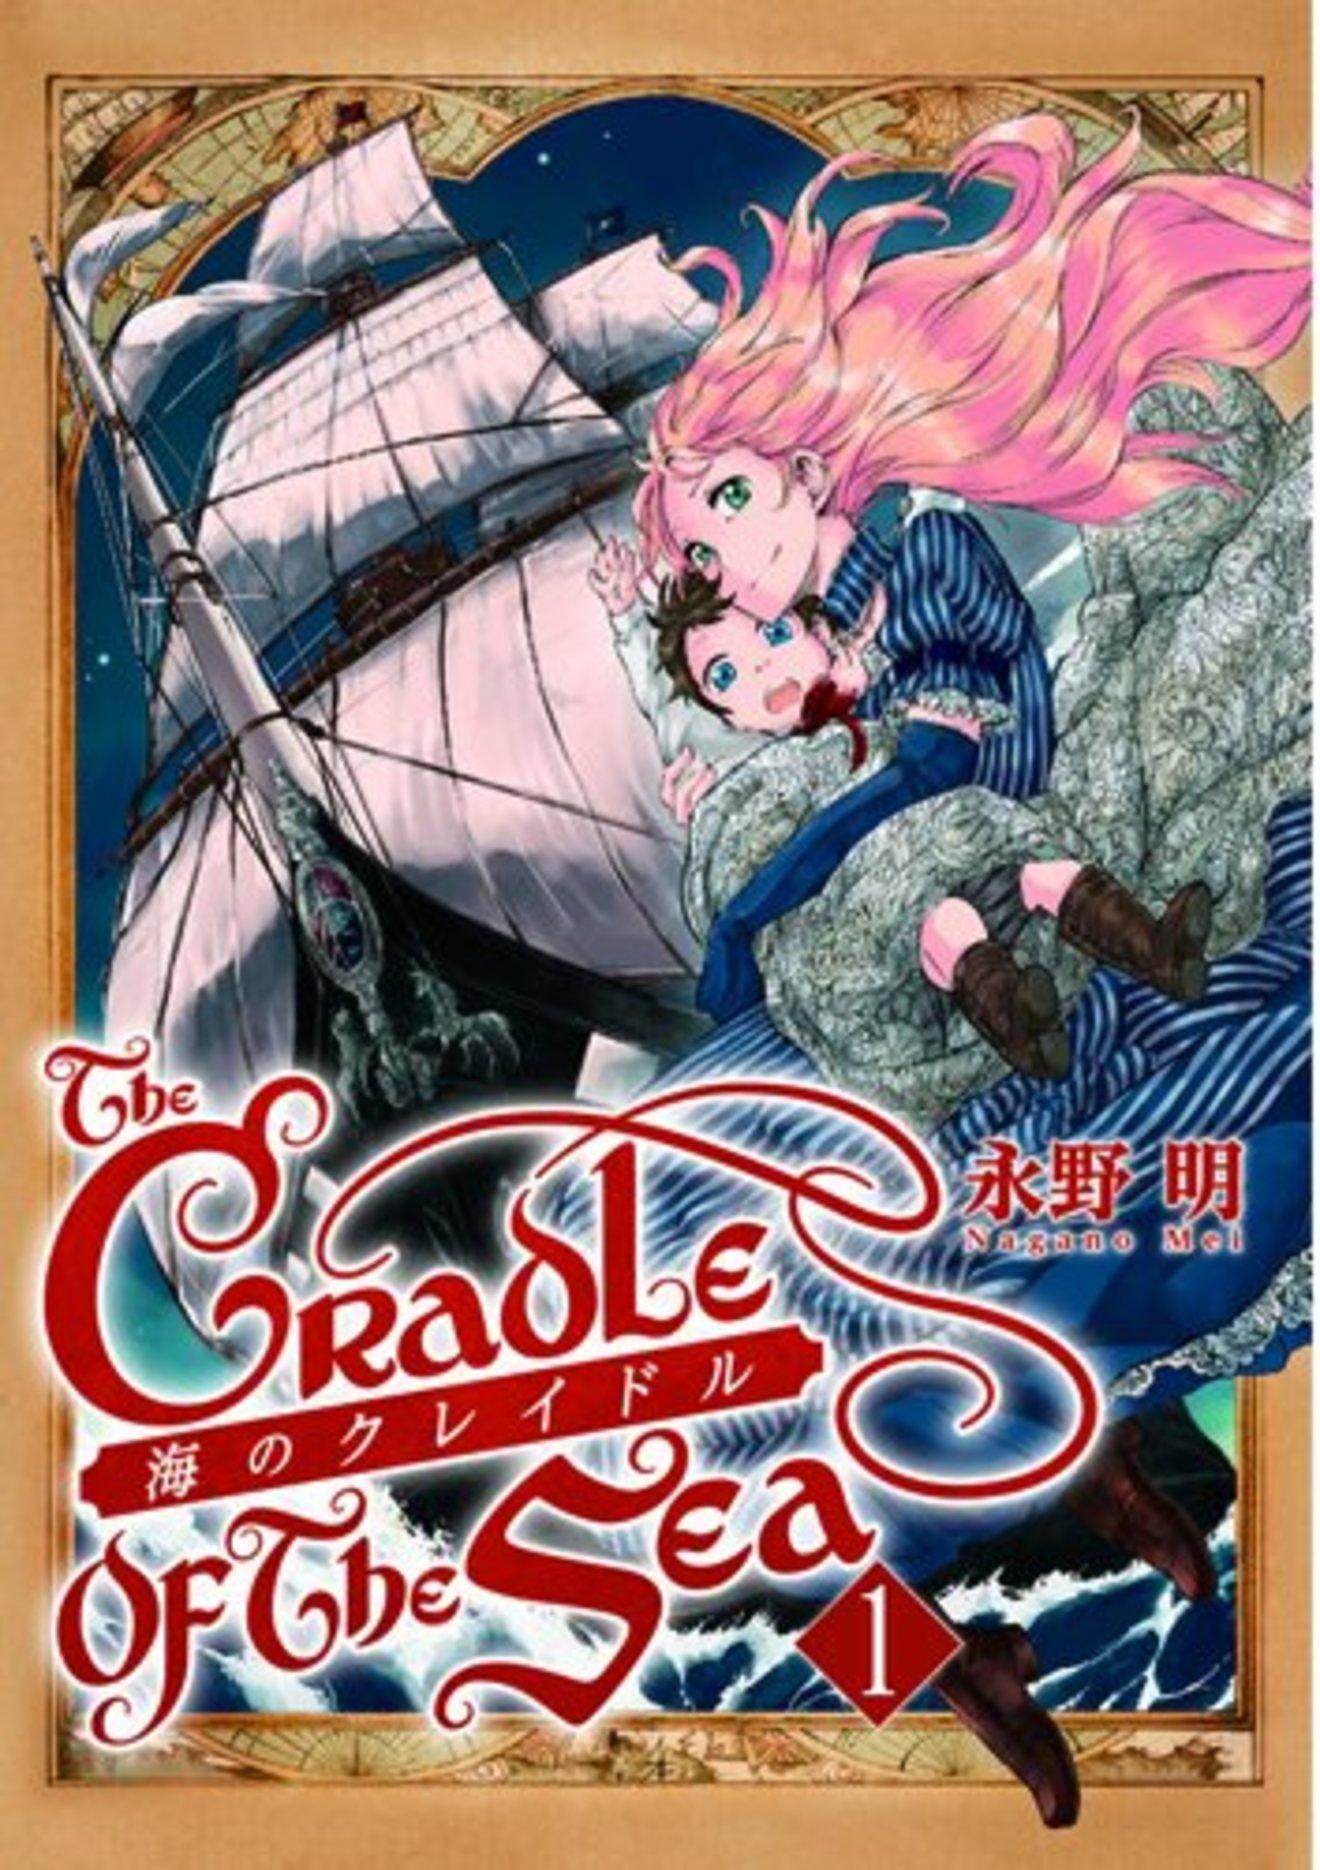 『海のクレイドル』の見所を全巻ネタバレ紹介!無料で読める本格海洋ロマン!